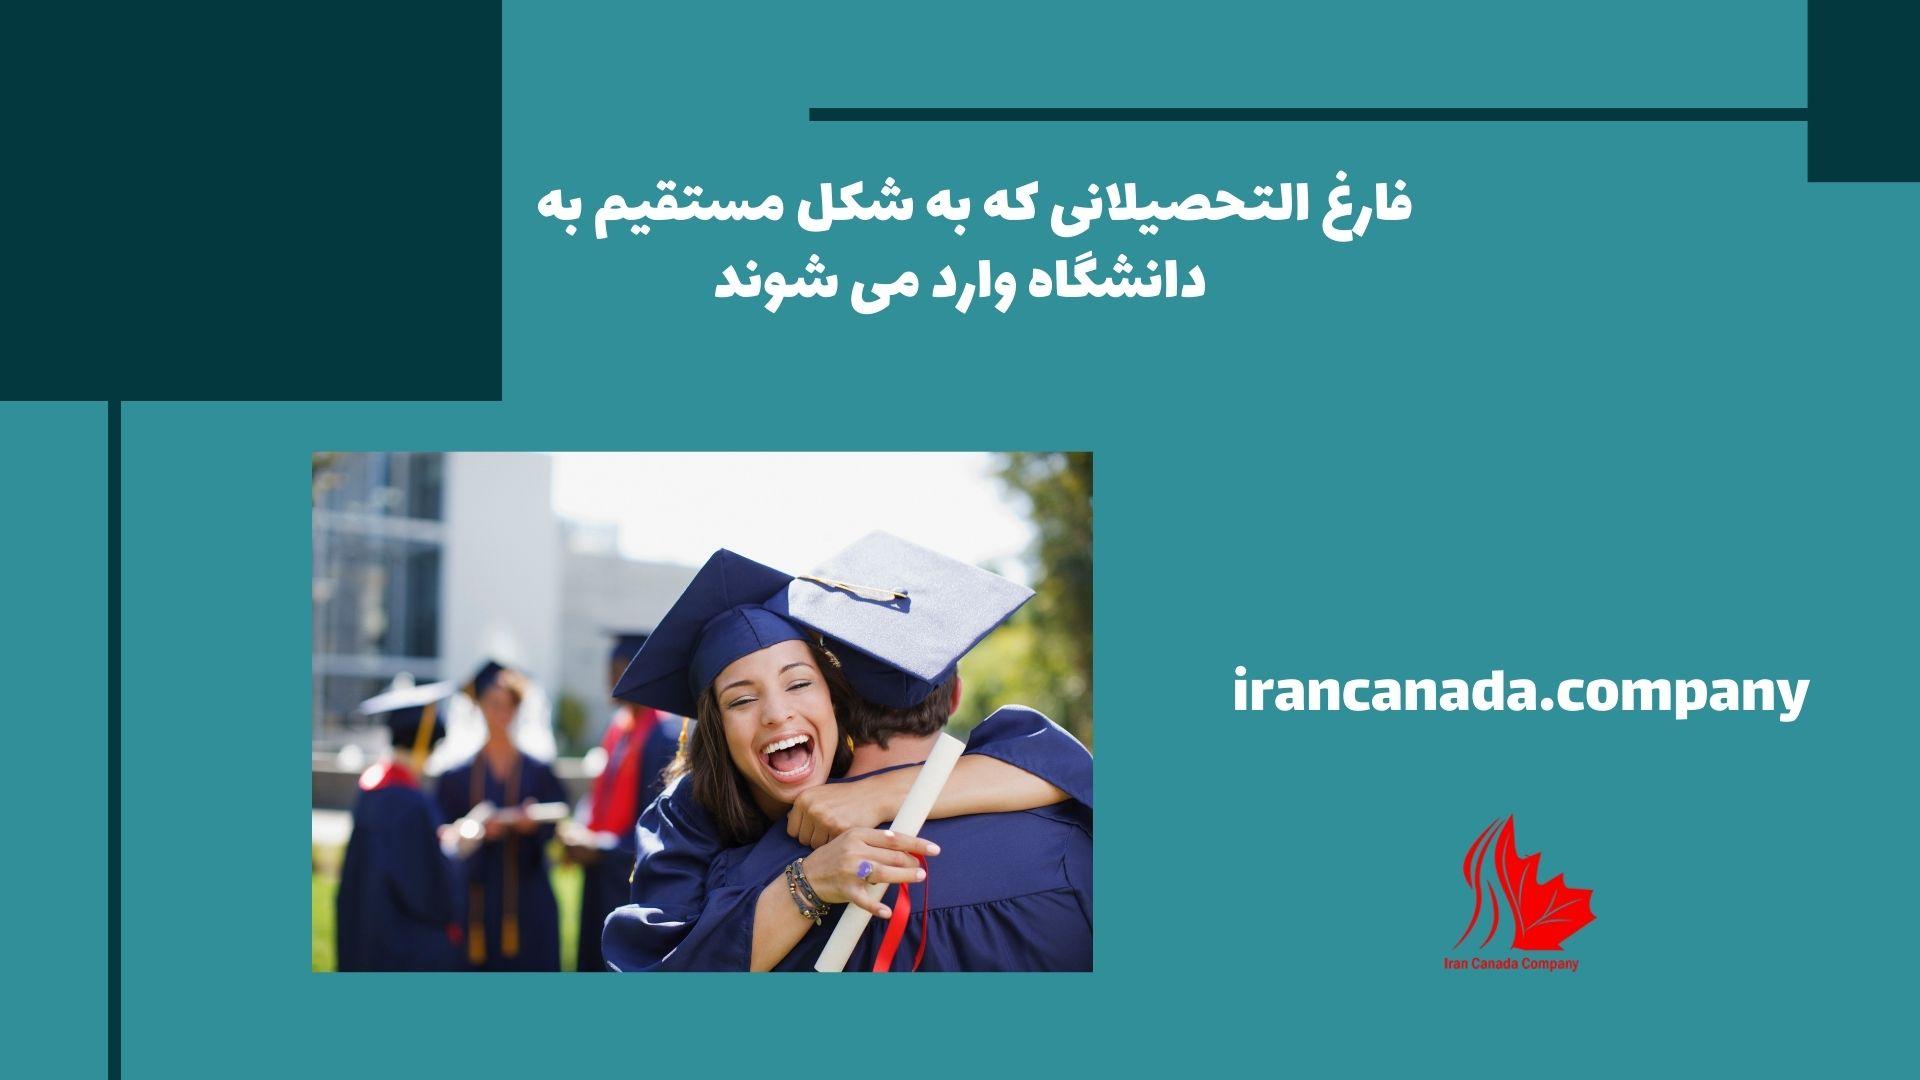 فارغ التحصیلانی که به شکل مستقیم به دانشگاه وارد می شوند